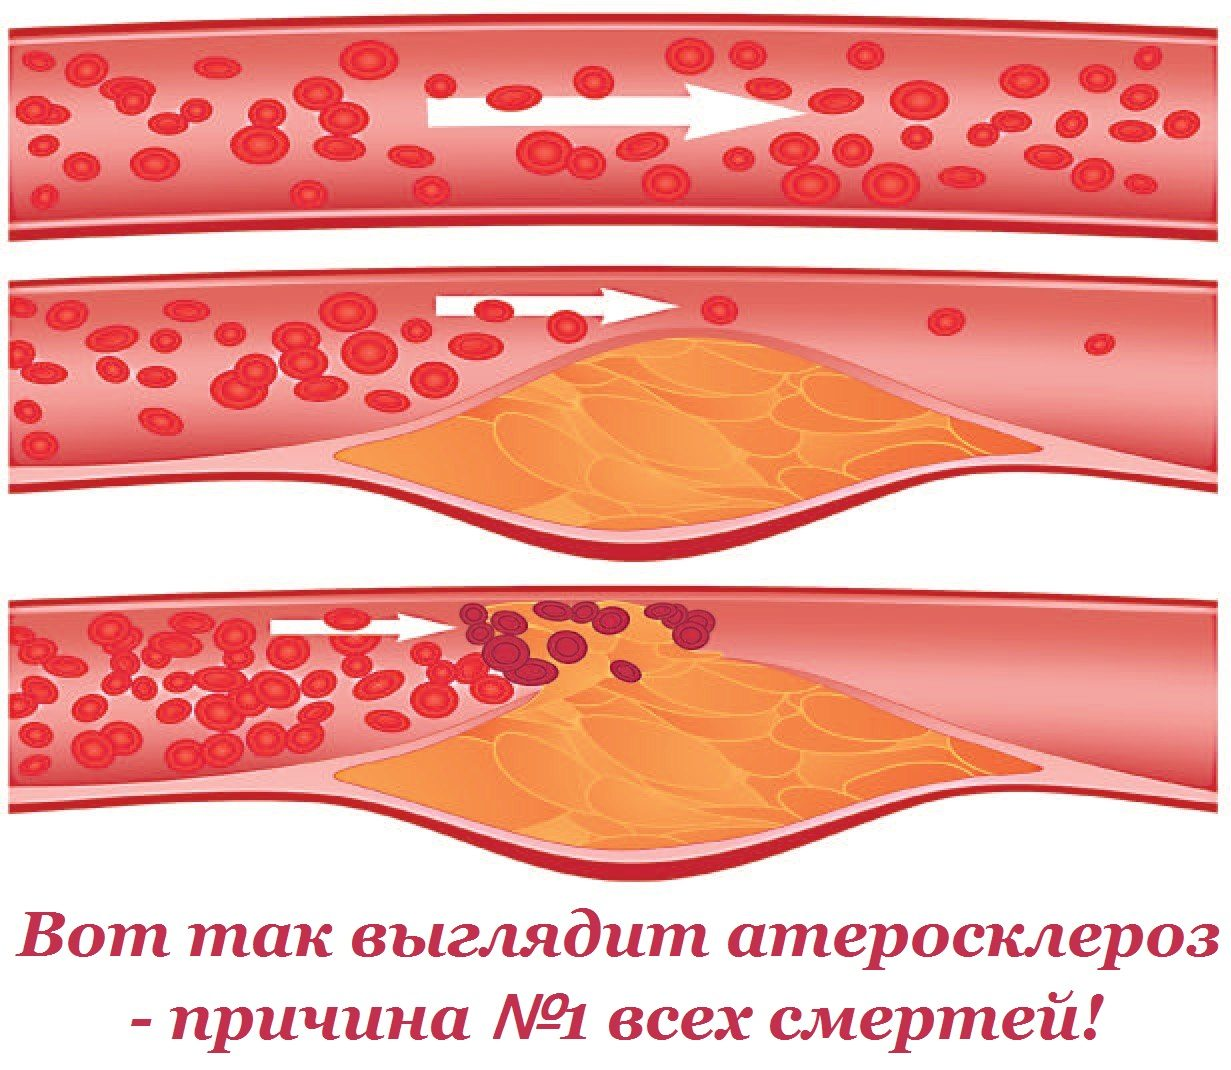 сало от холестерина в крови